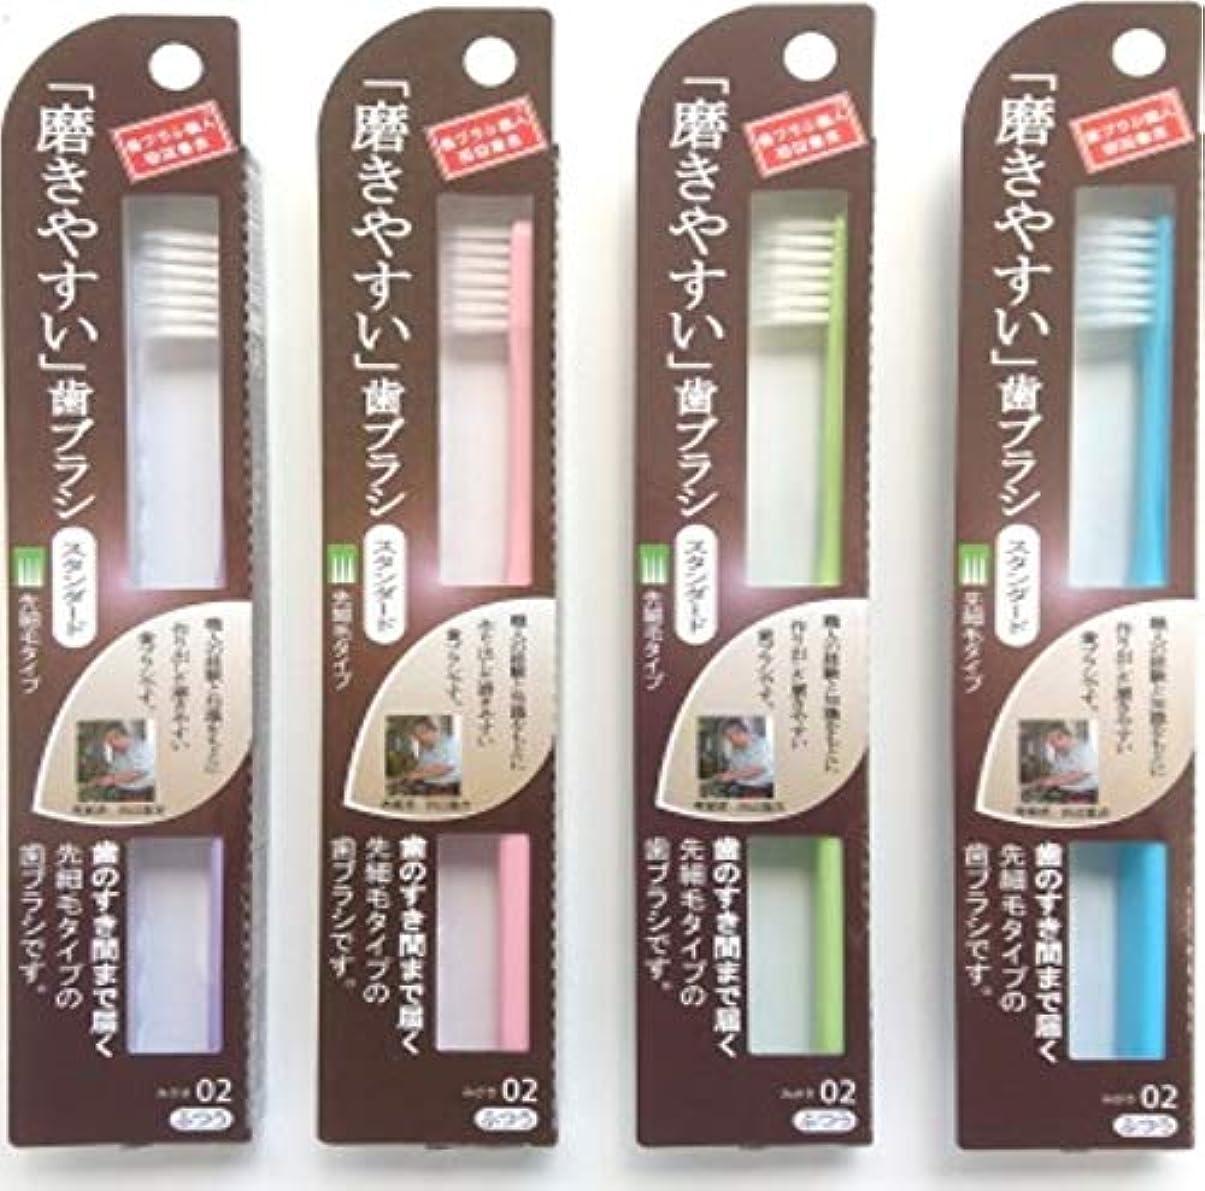 手数料閃光ワンダー磨きやすい歯ブラシ(奥歯まで) (LT02) (24本)